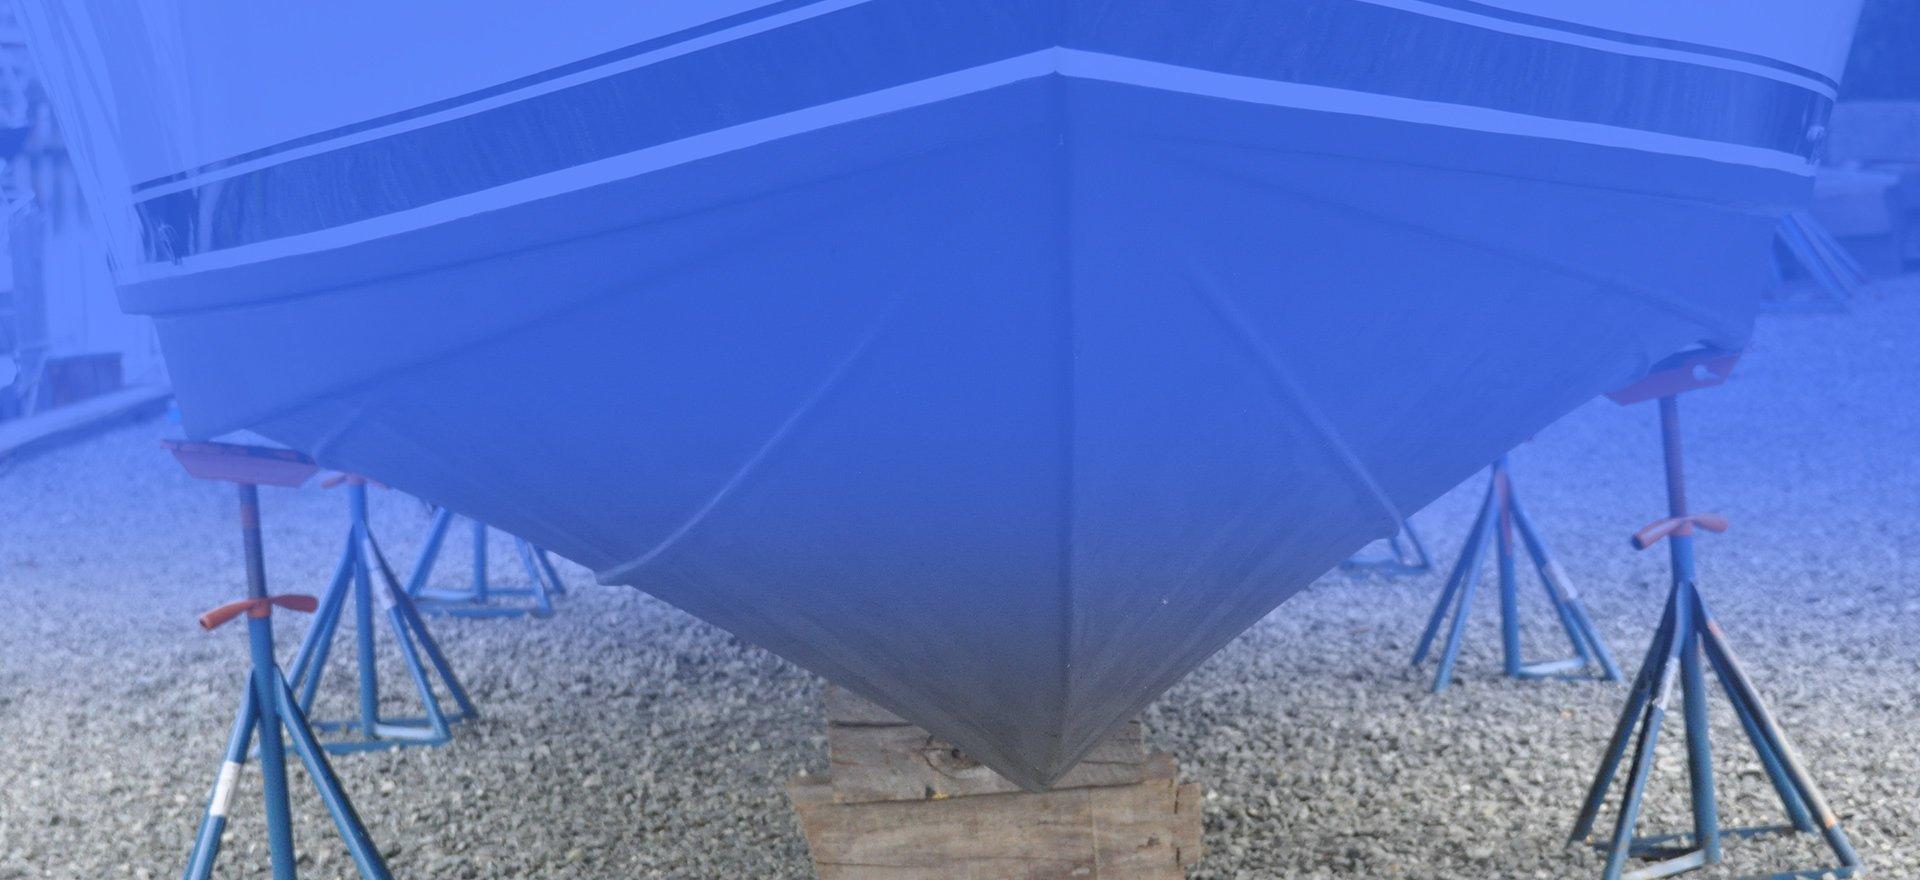 Πάρκινγκ πάρκιν σκαφών δυτική αττική